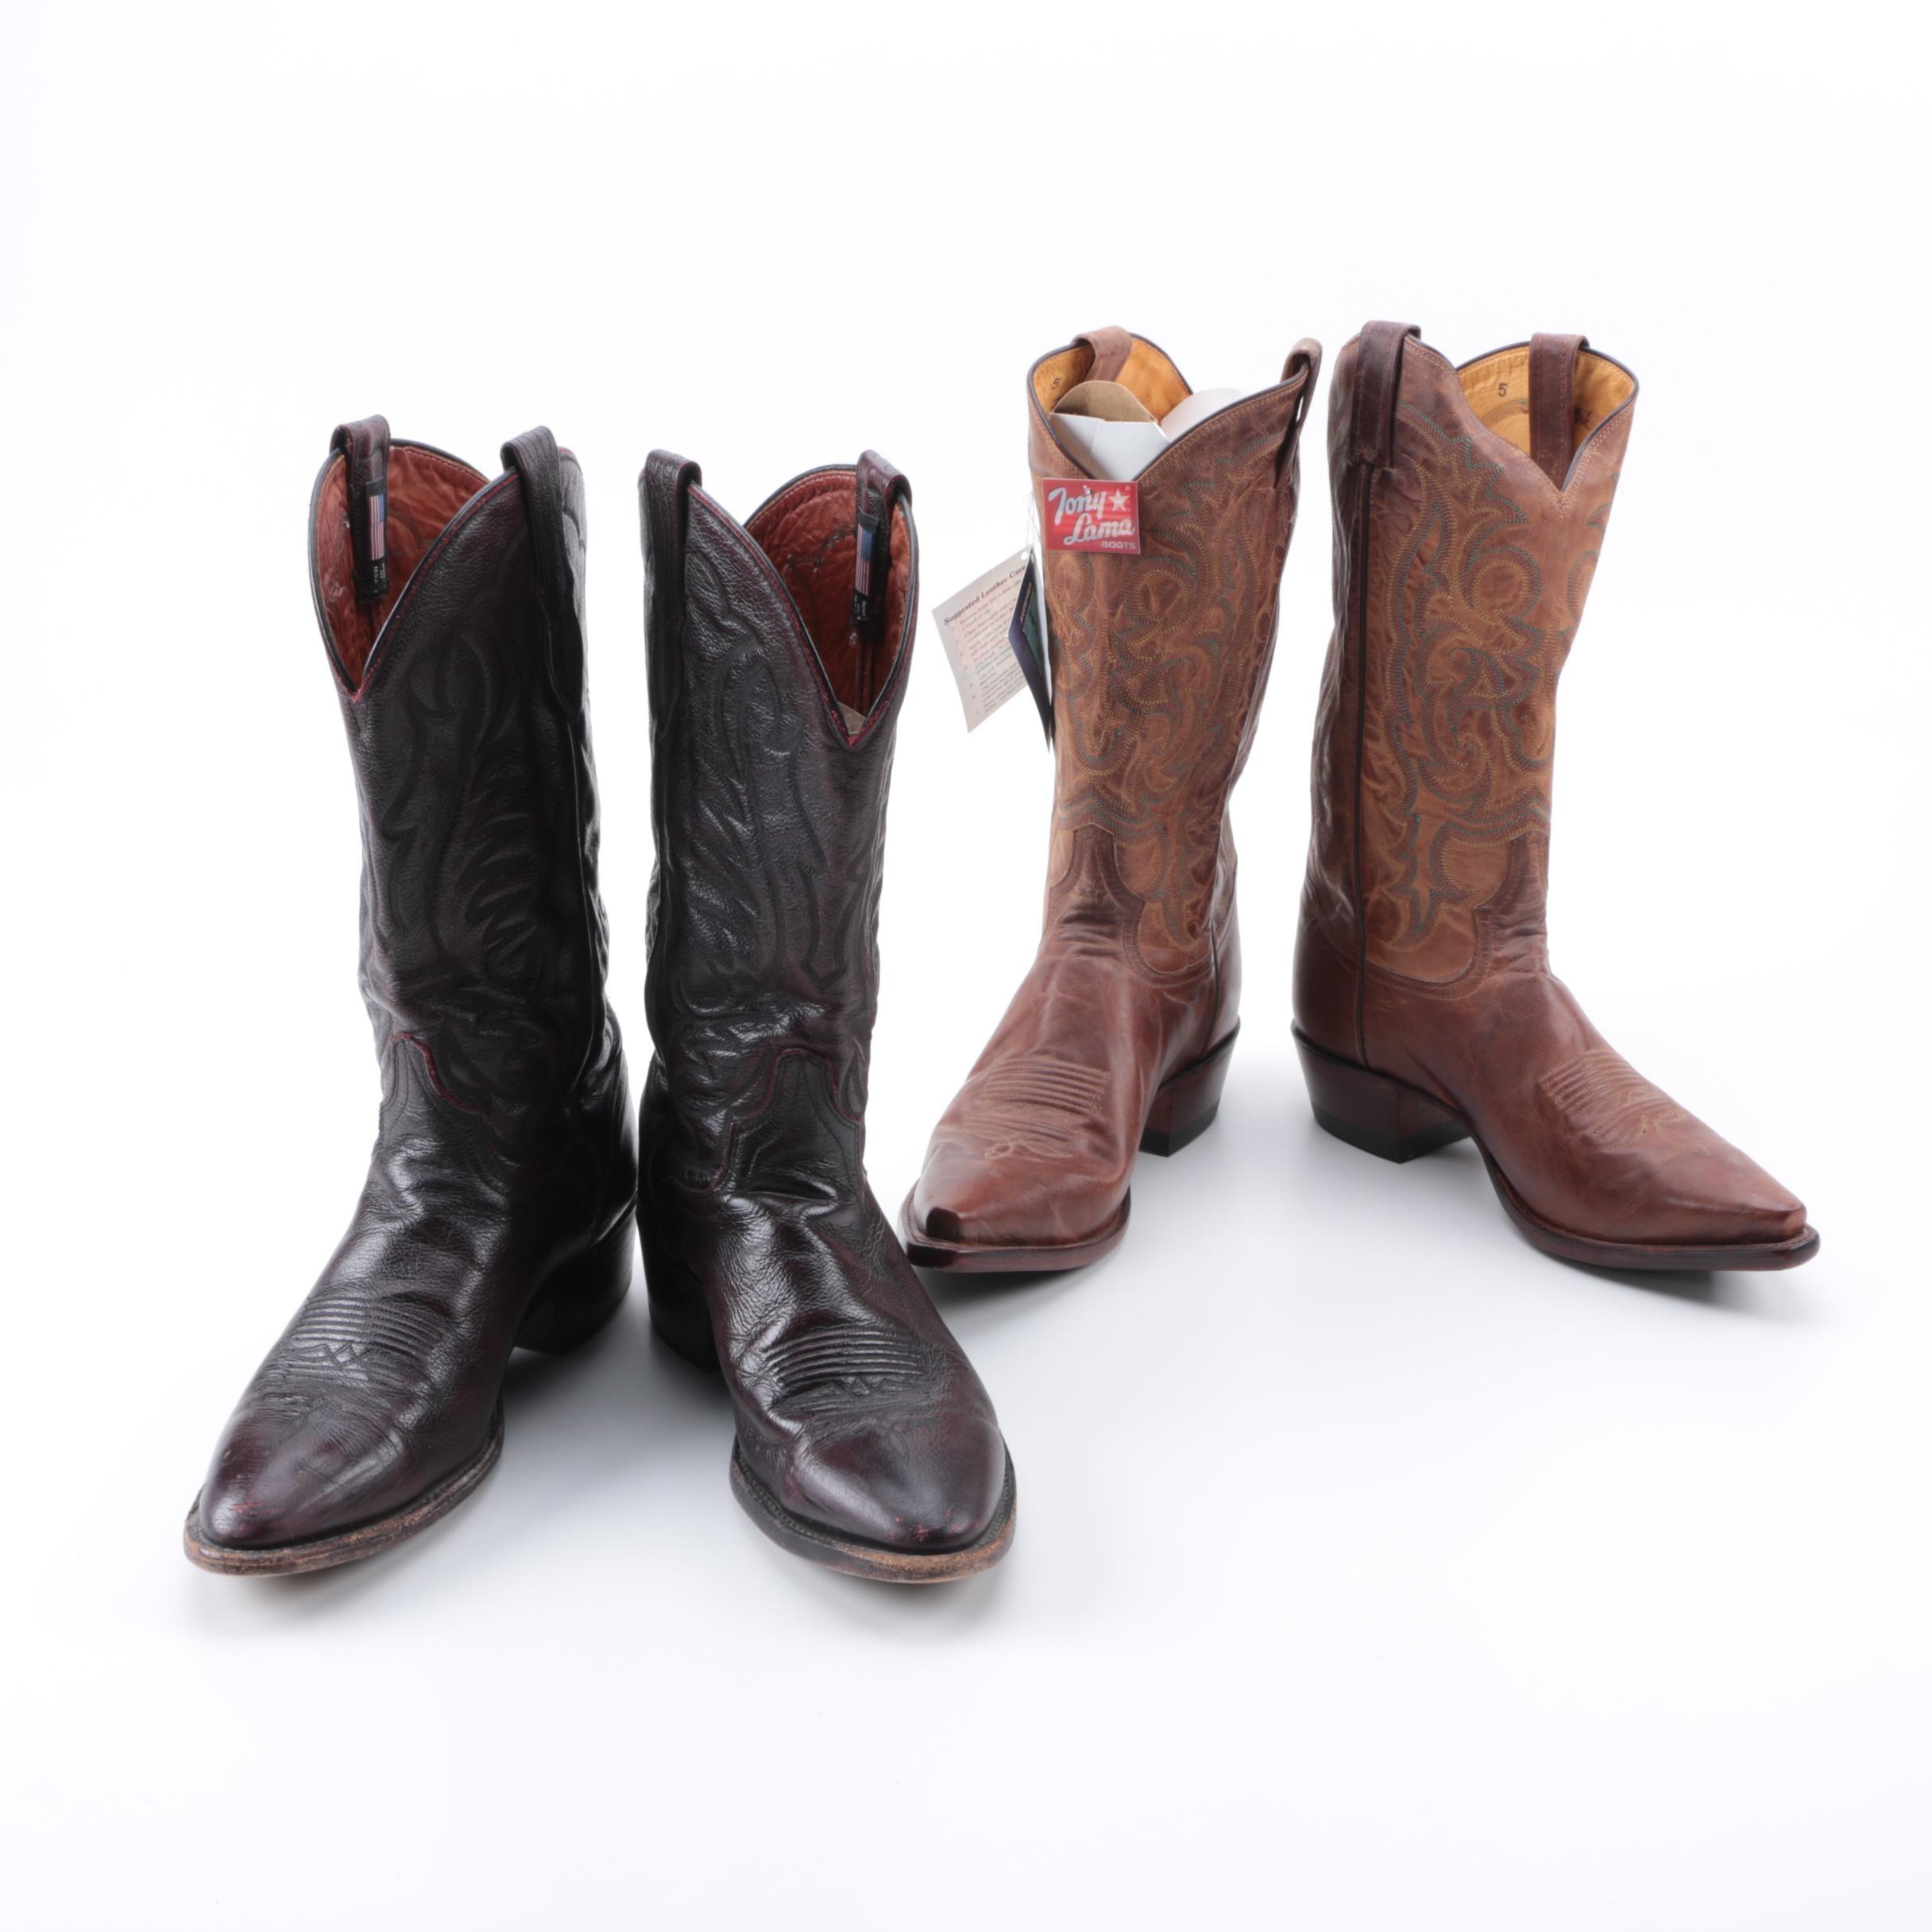 Cowboy Boots Including Tony Lama